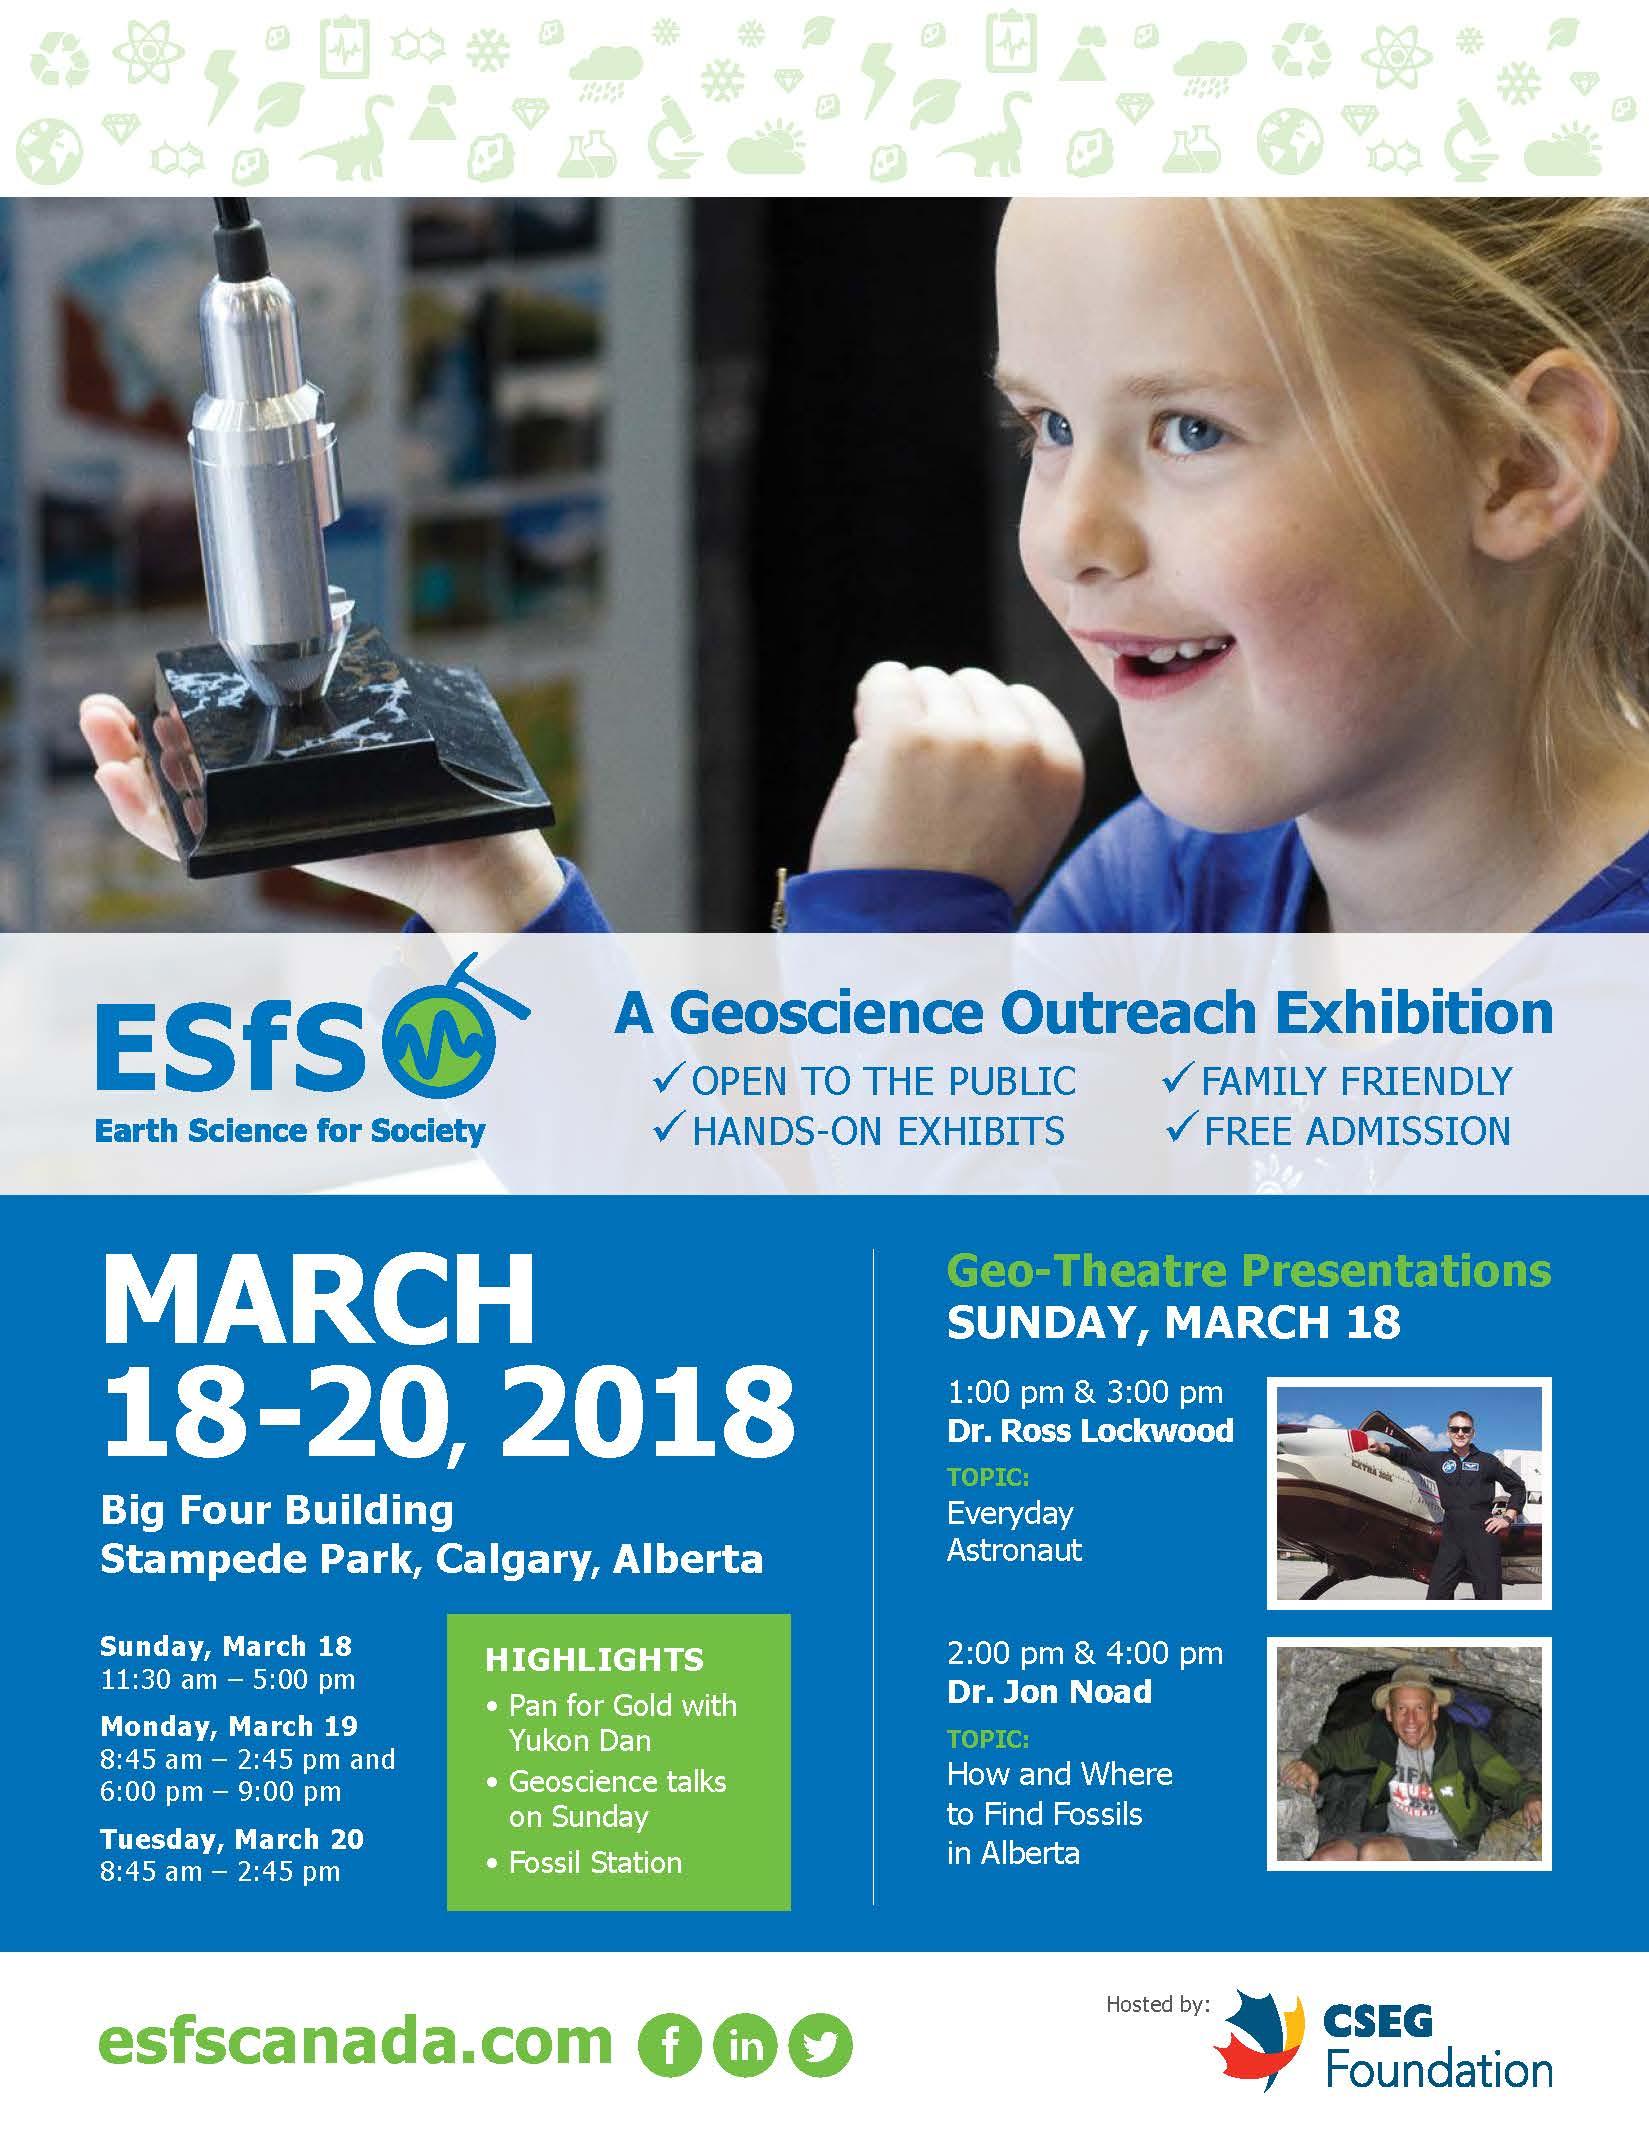 ESfS poster